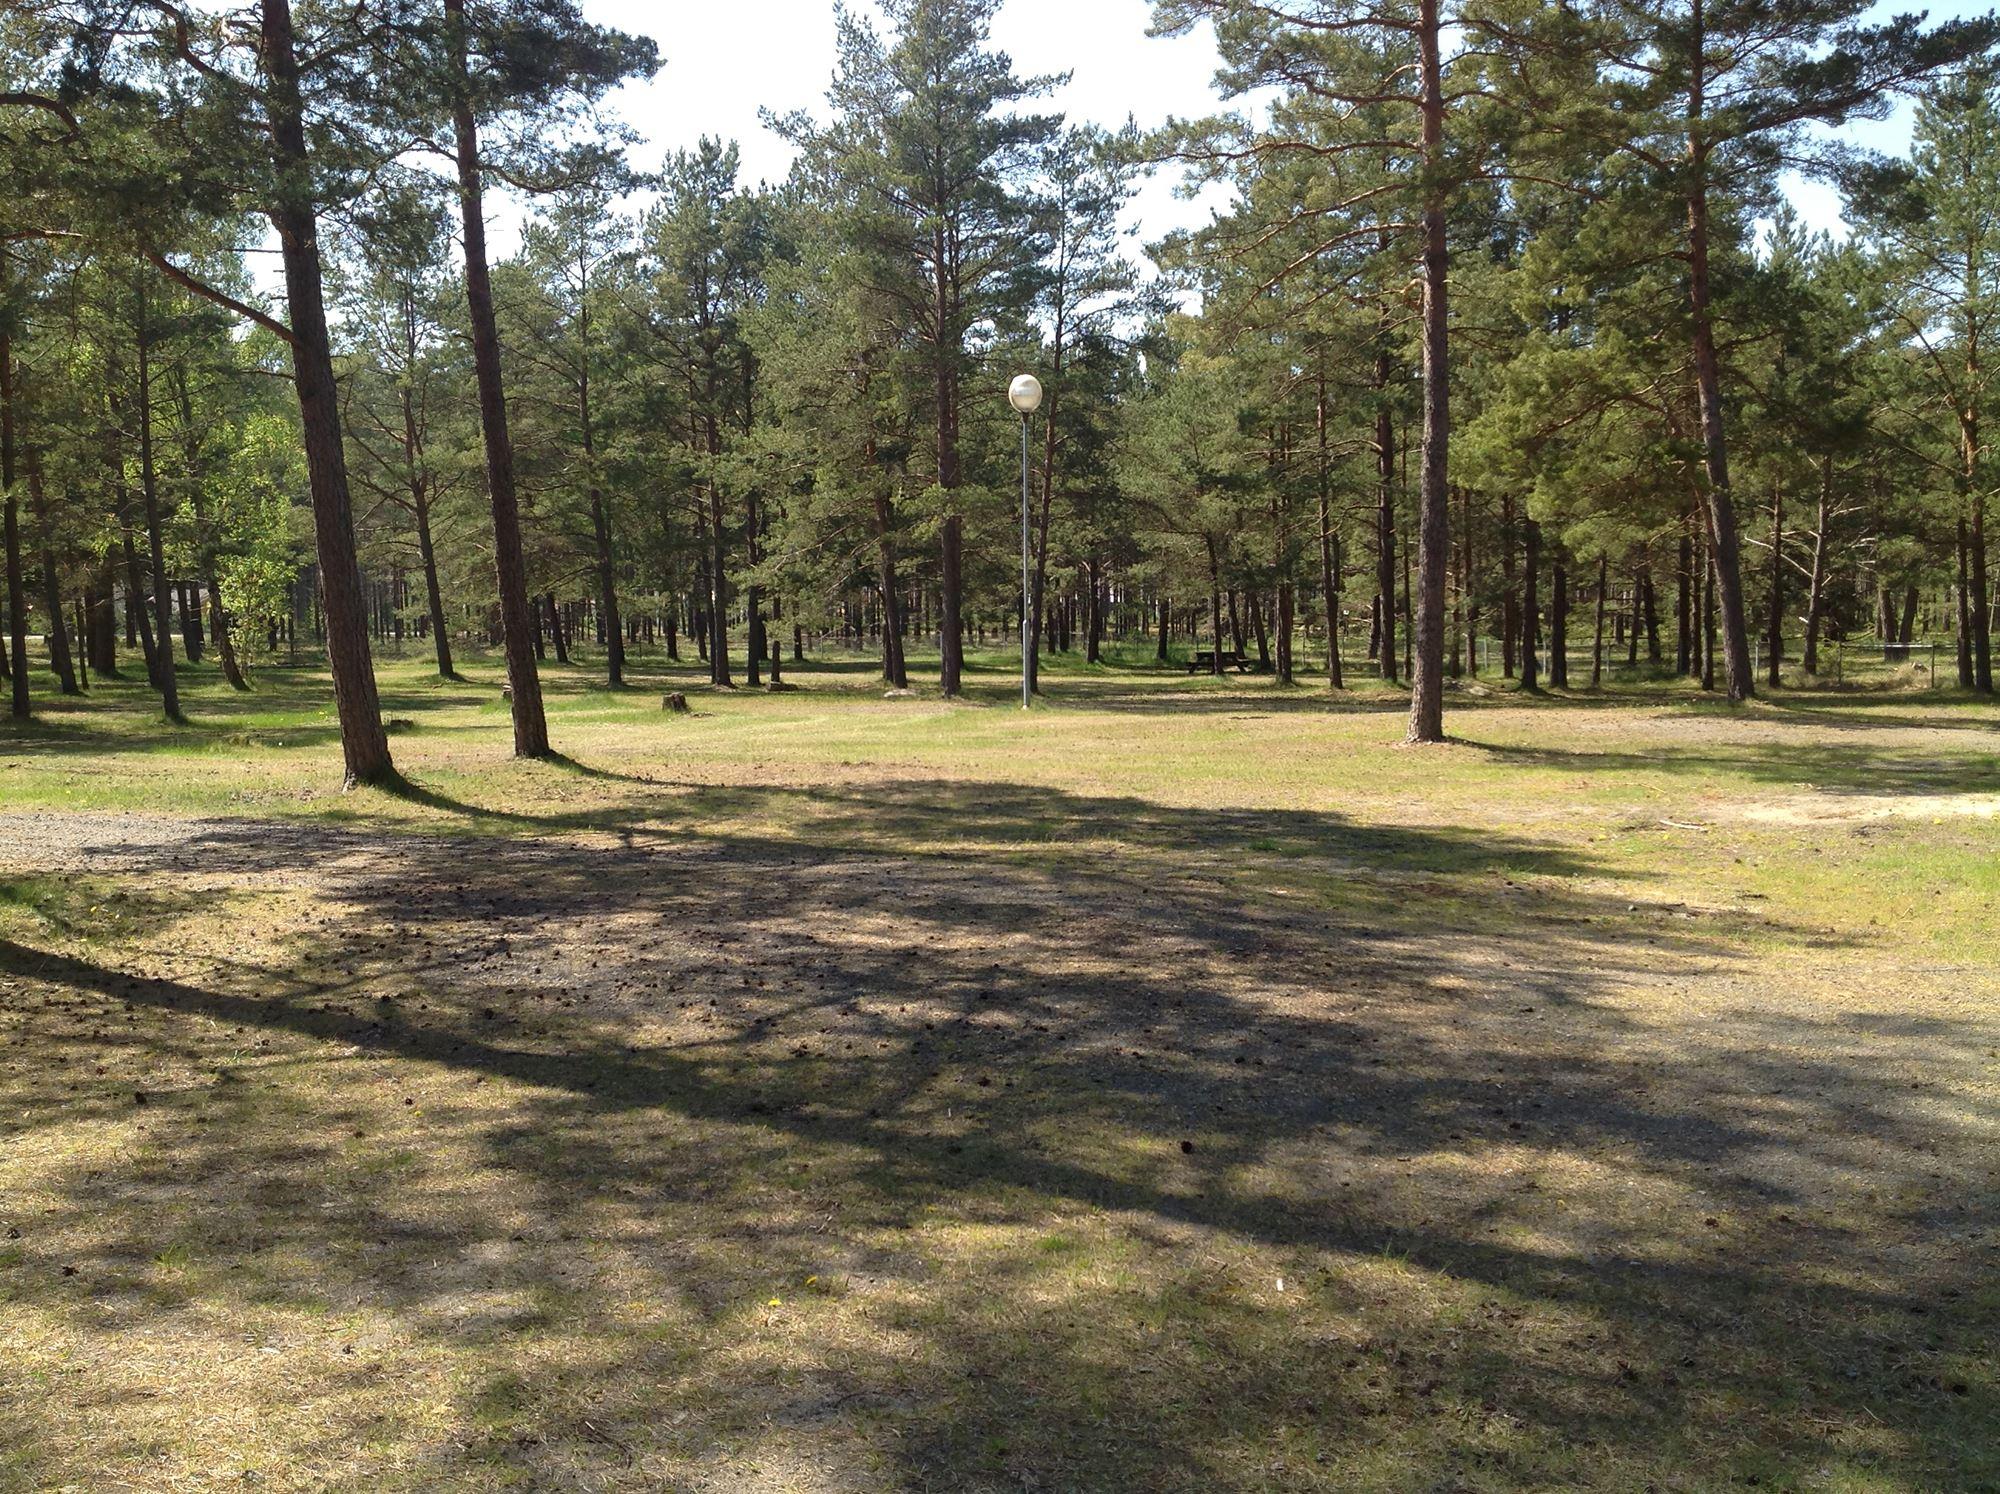 Ställplats - First Camp i Åhus